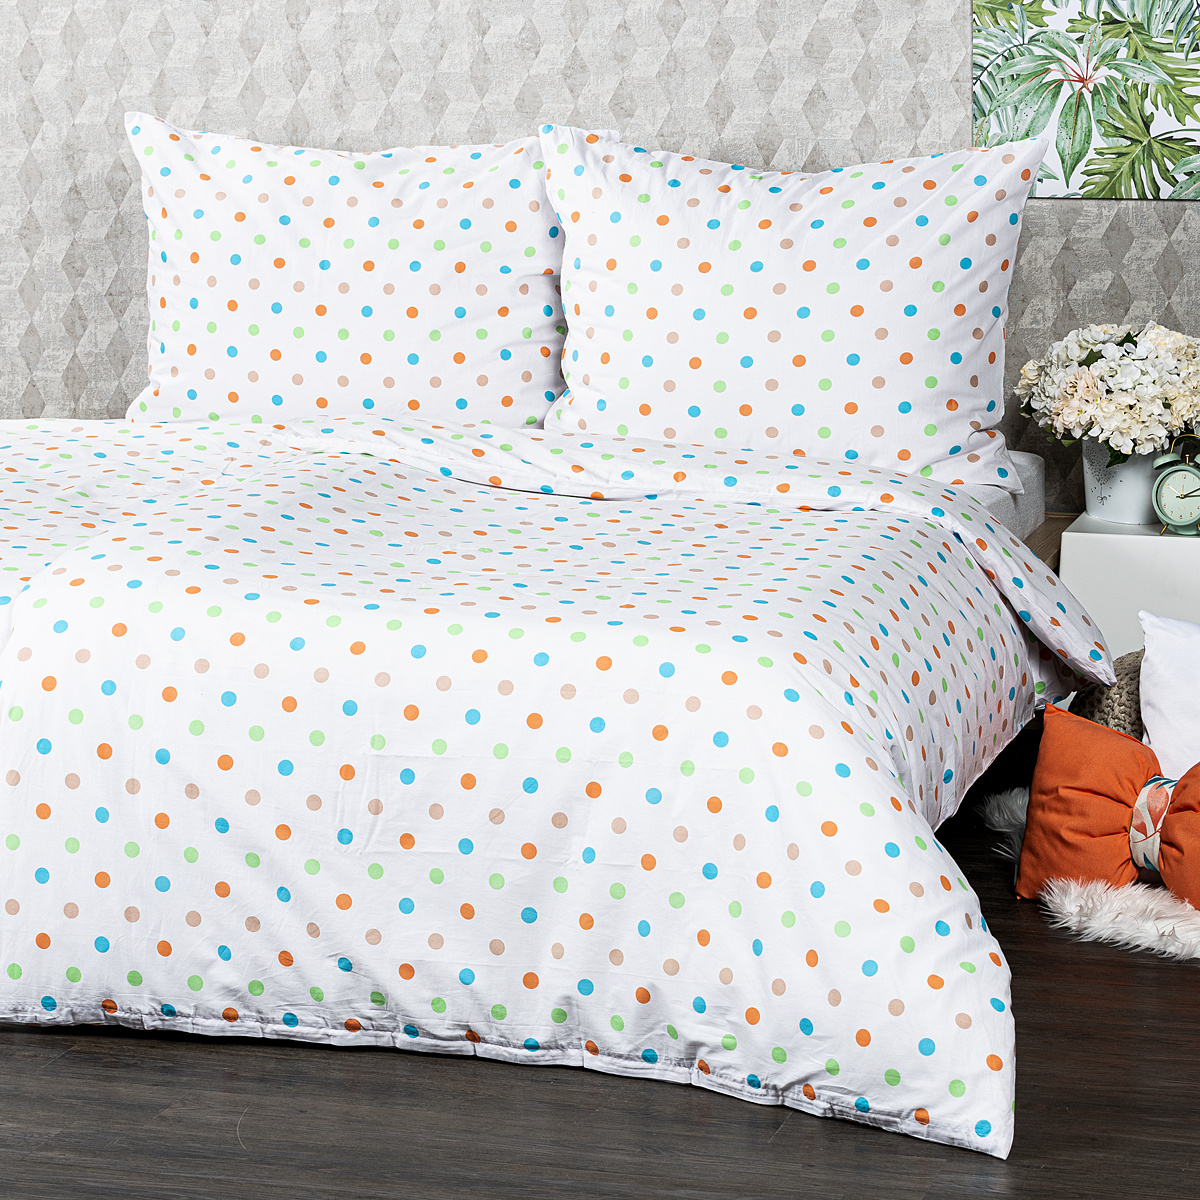 4Home Bavlnené obliečky Dots oranžová